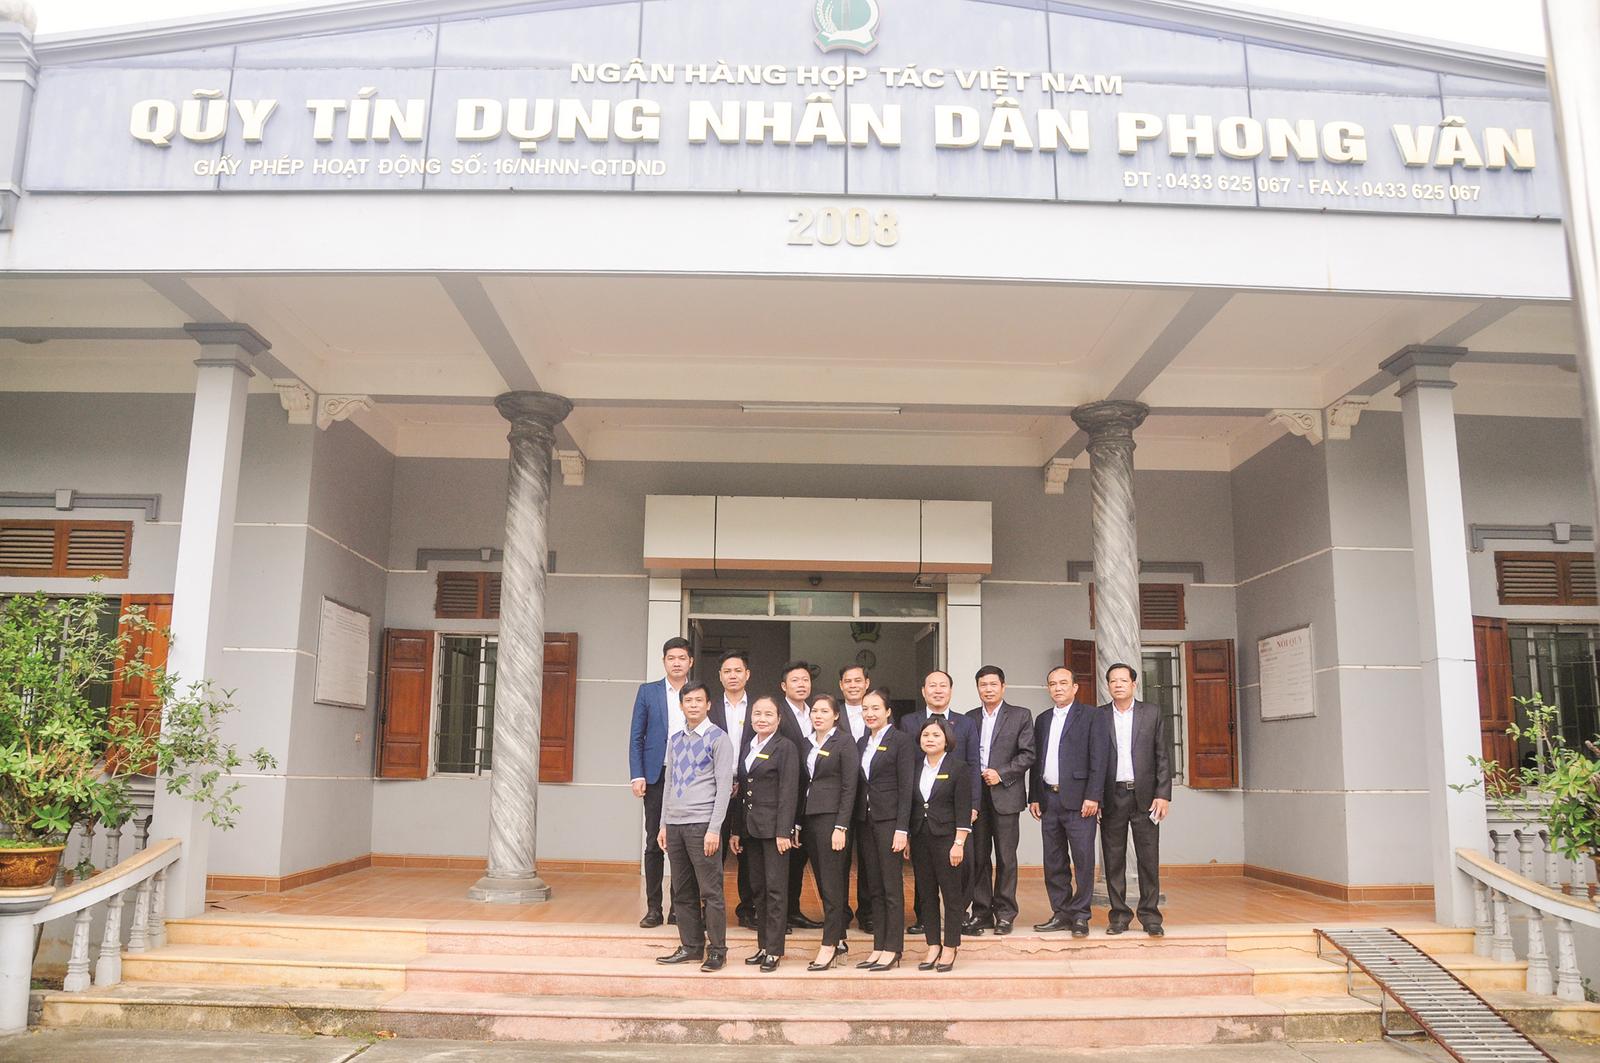 Sức sống mới trên vùng đất Phong Vân